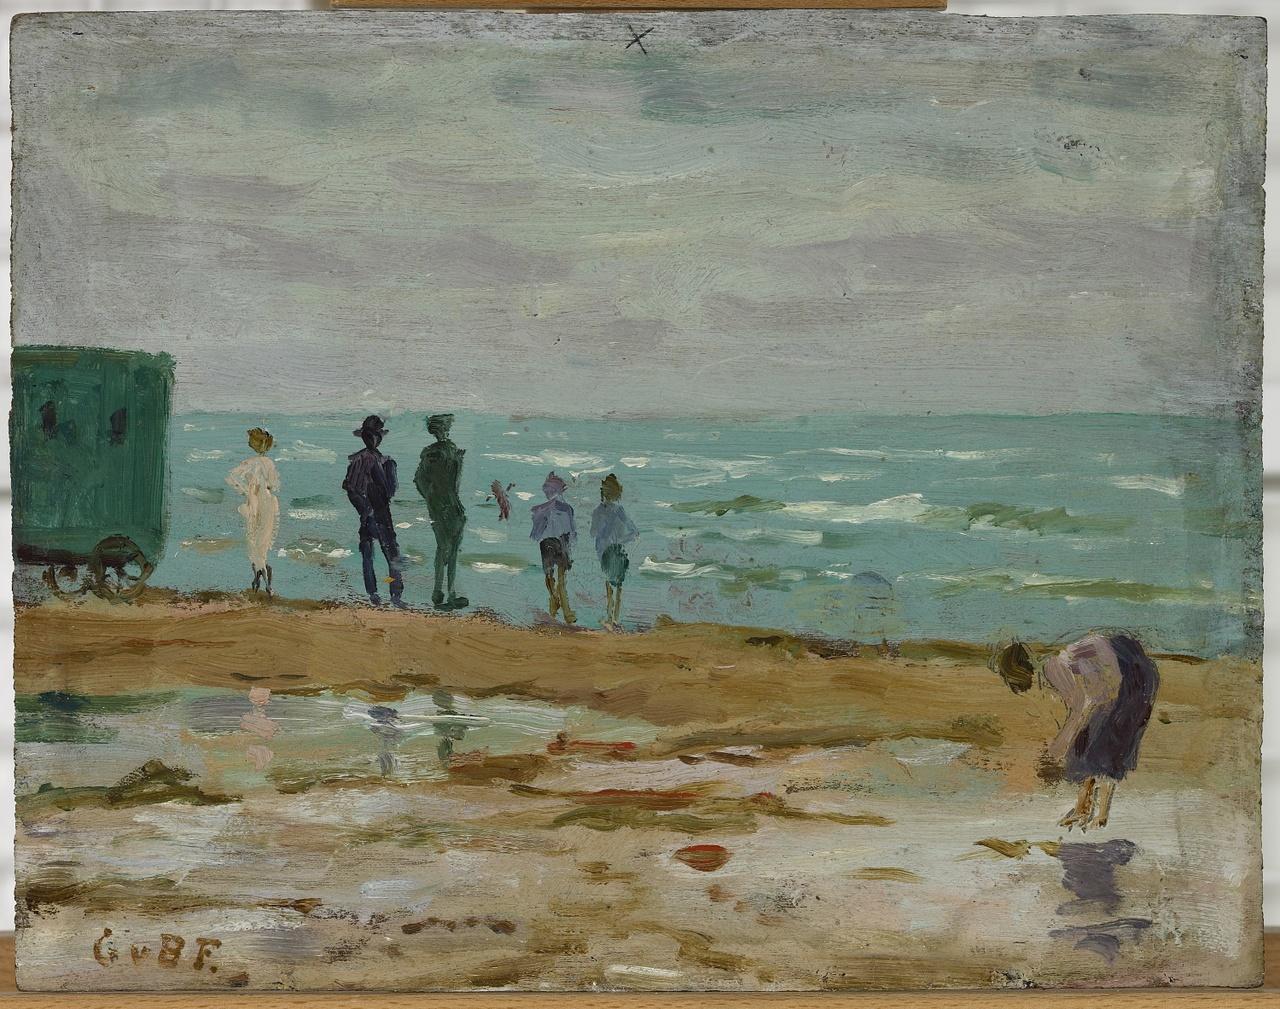 Vissersschuit in haven/Strandgezicht, Gerard von Brucken Fock